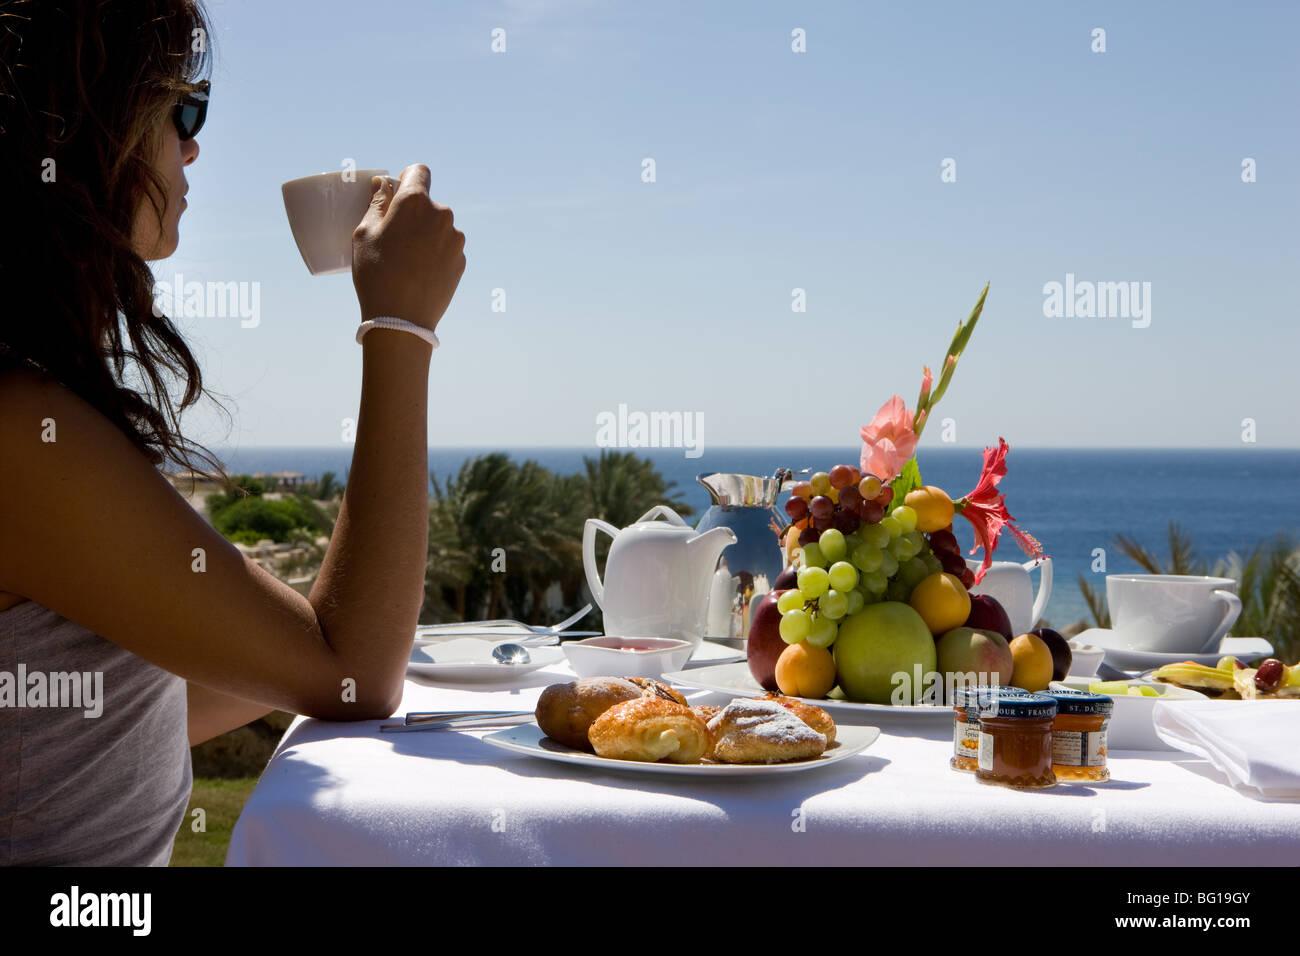 Afrika, Ägypten, Sharm el Sheik, Frucht, Farbe, Mädchen, das ...